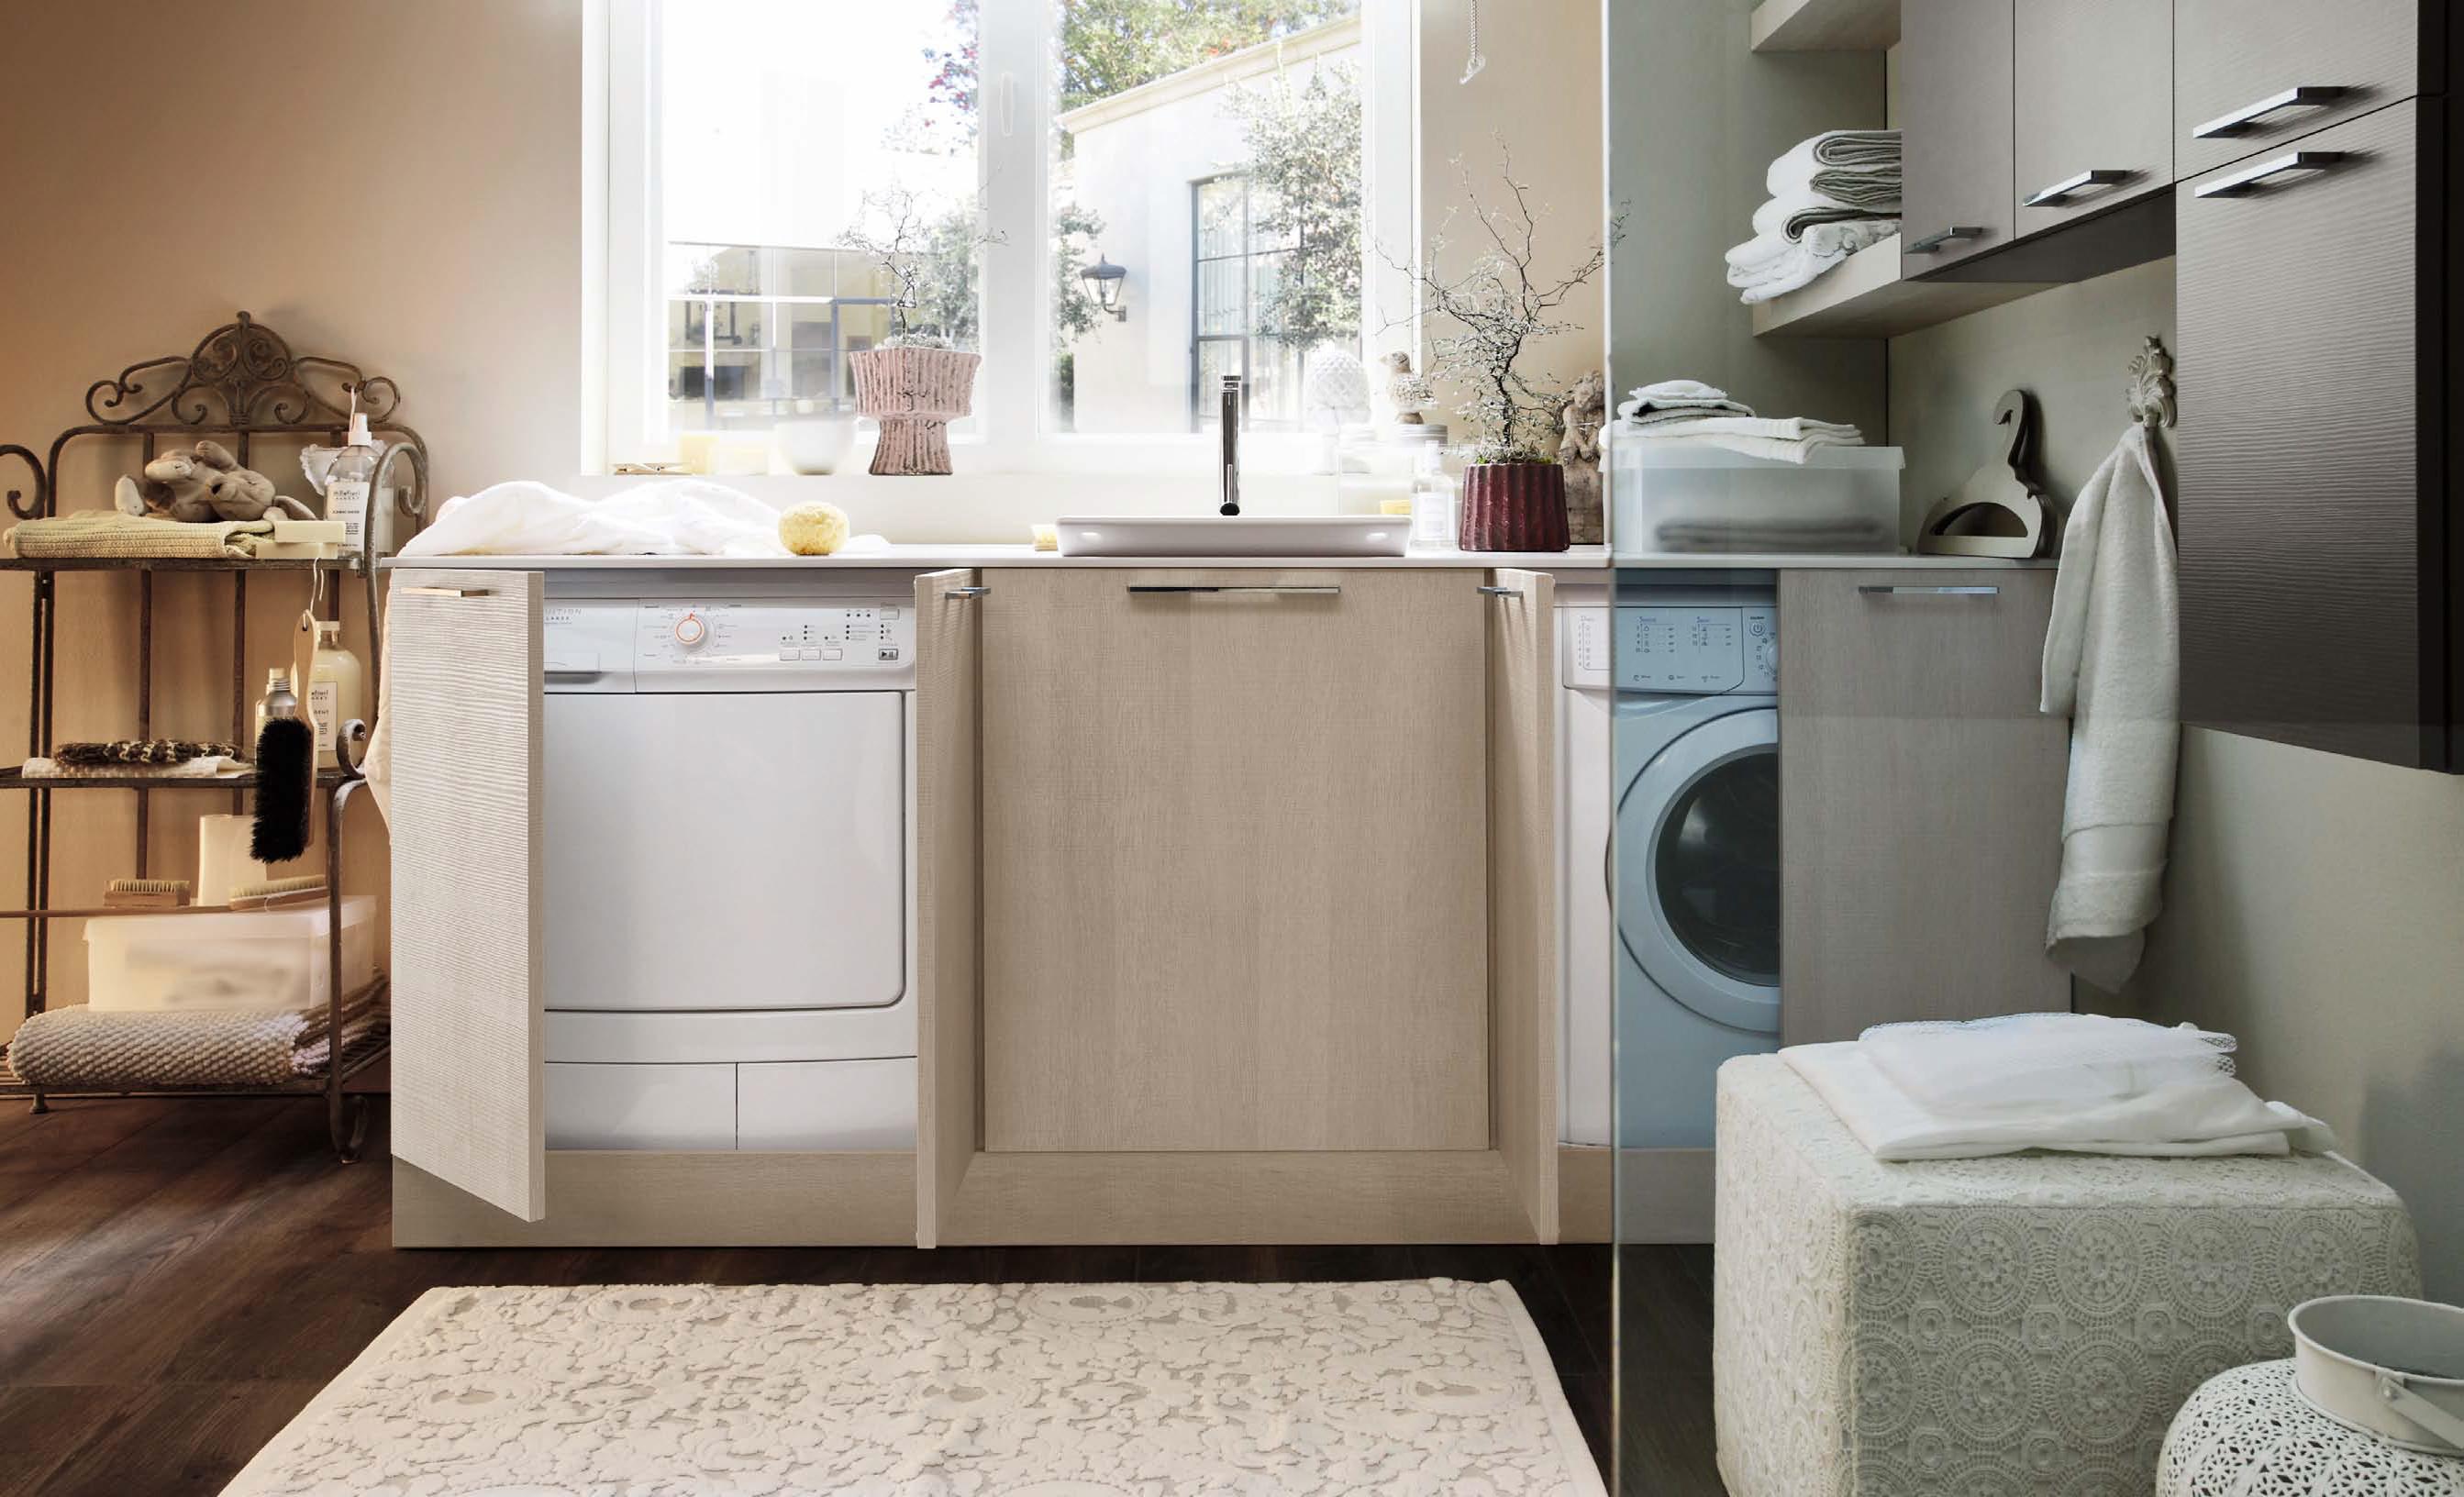 Ville moderne con tetto spiovente - Mobile lavatrice asciugatrice ikea ...